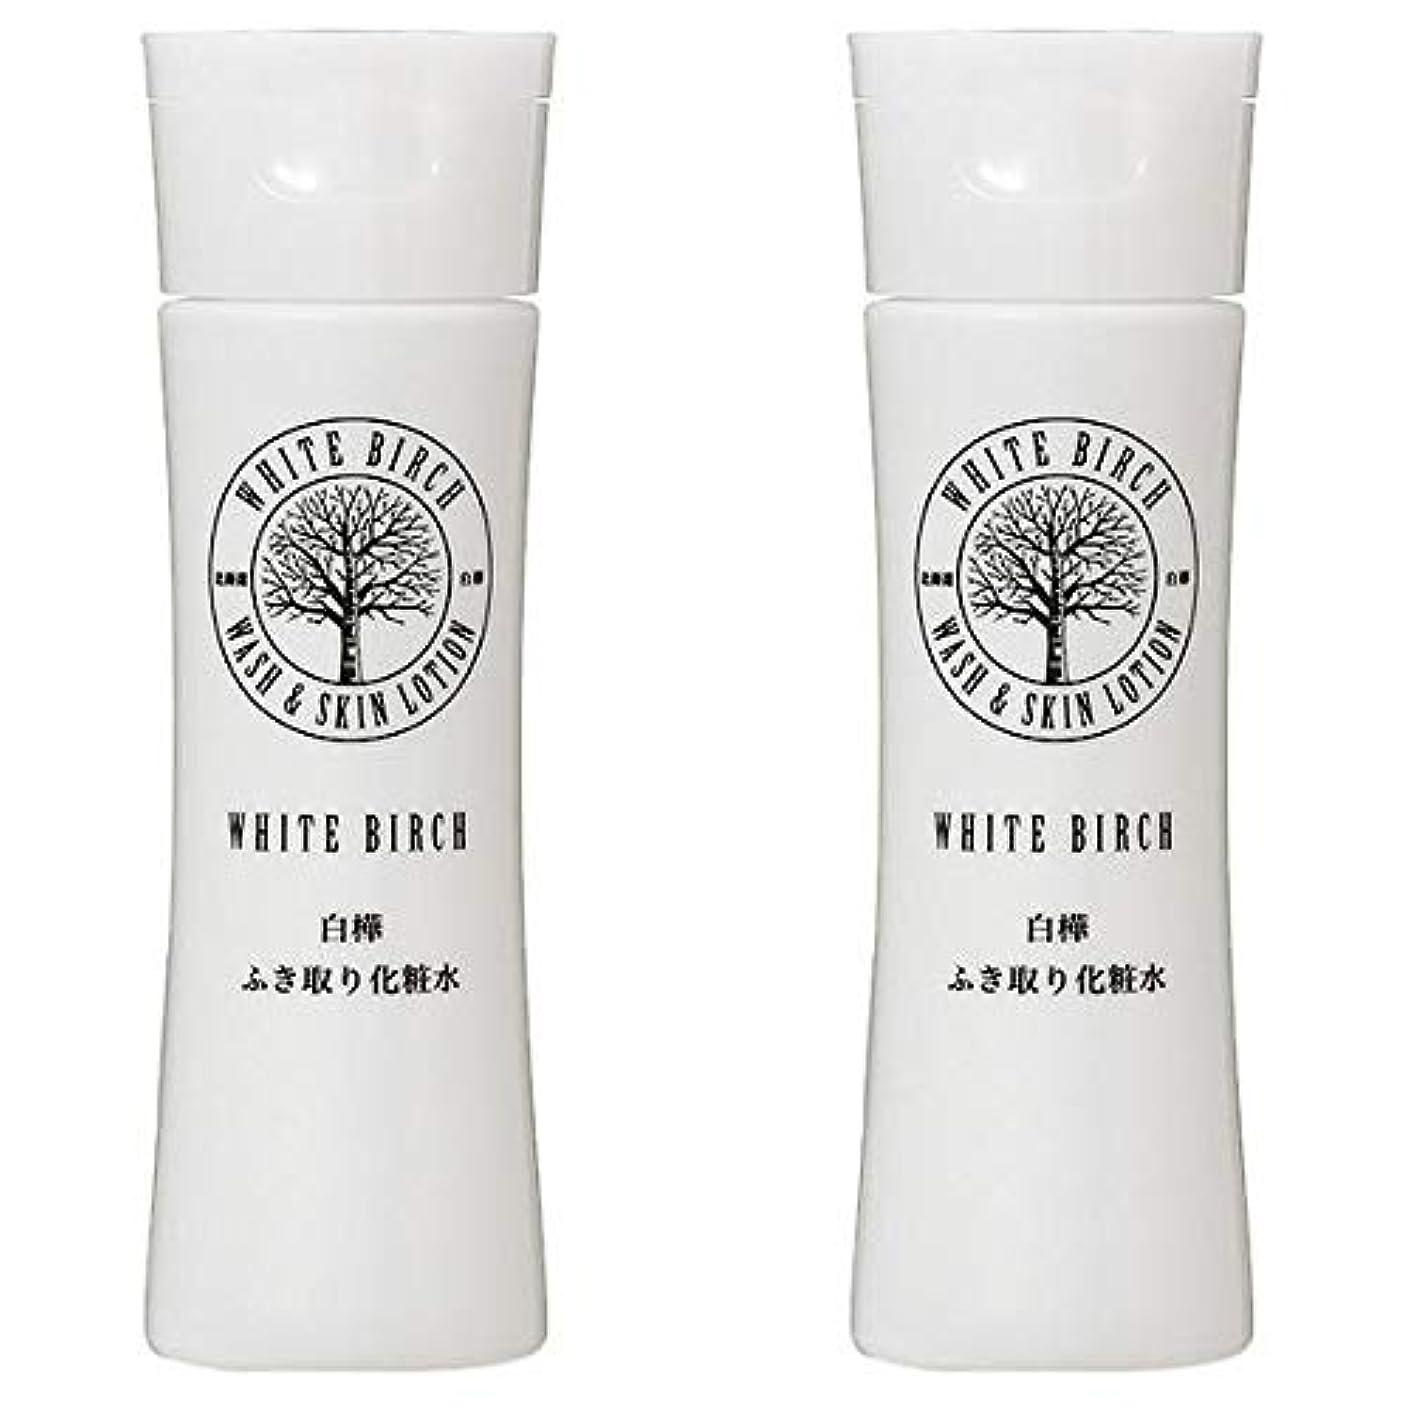 追い出すリーンリム北海道アンソロポロジー 白樺ふき取り化粧水 100mL 【2個セット】